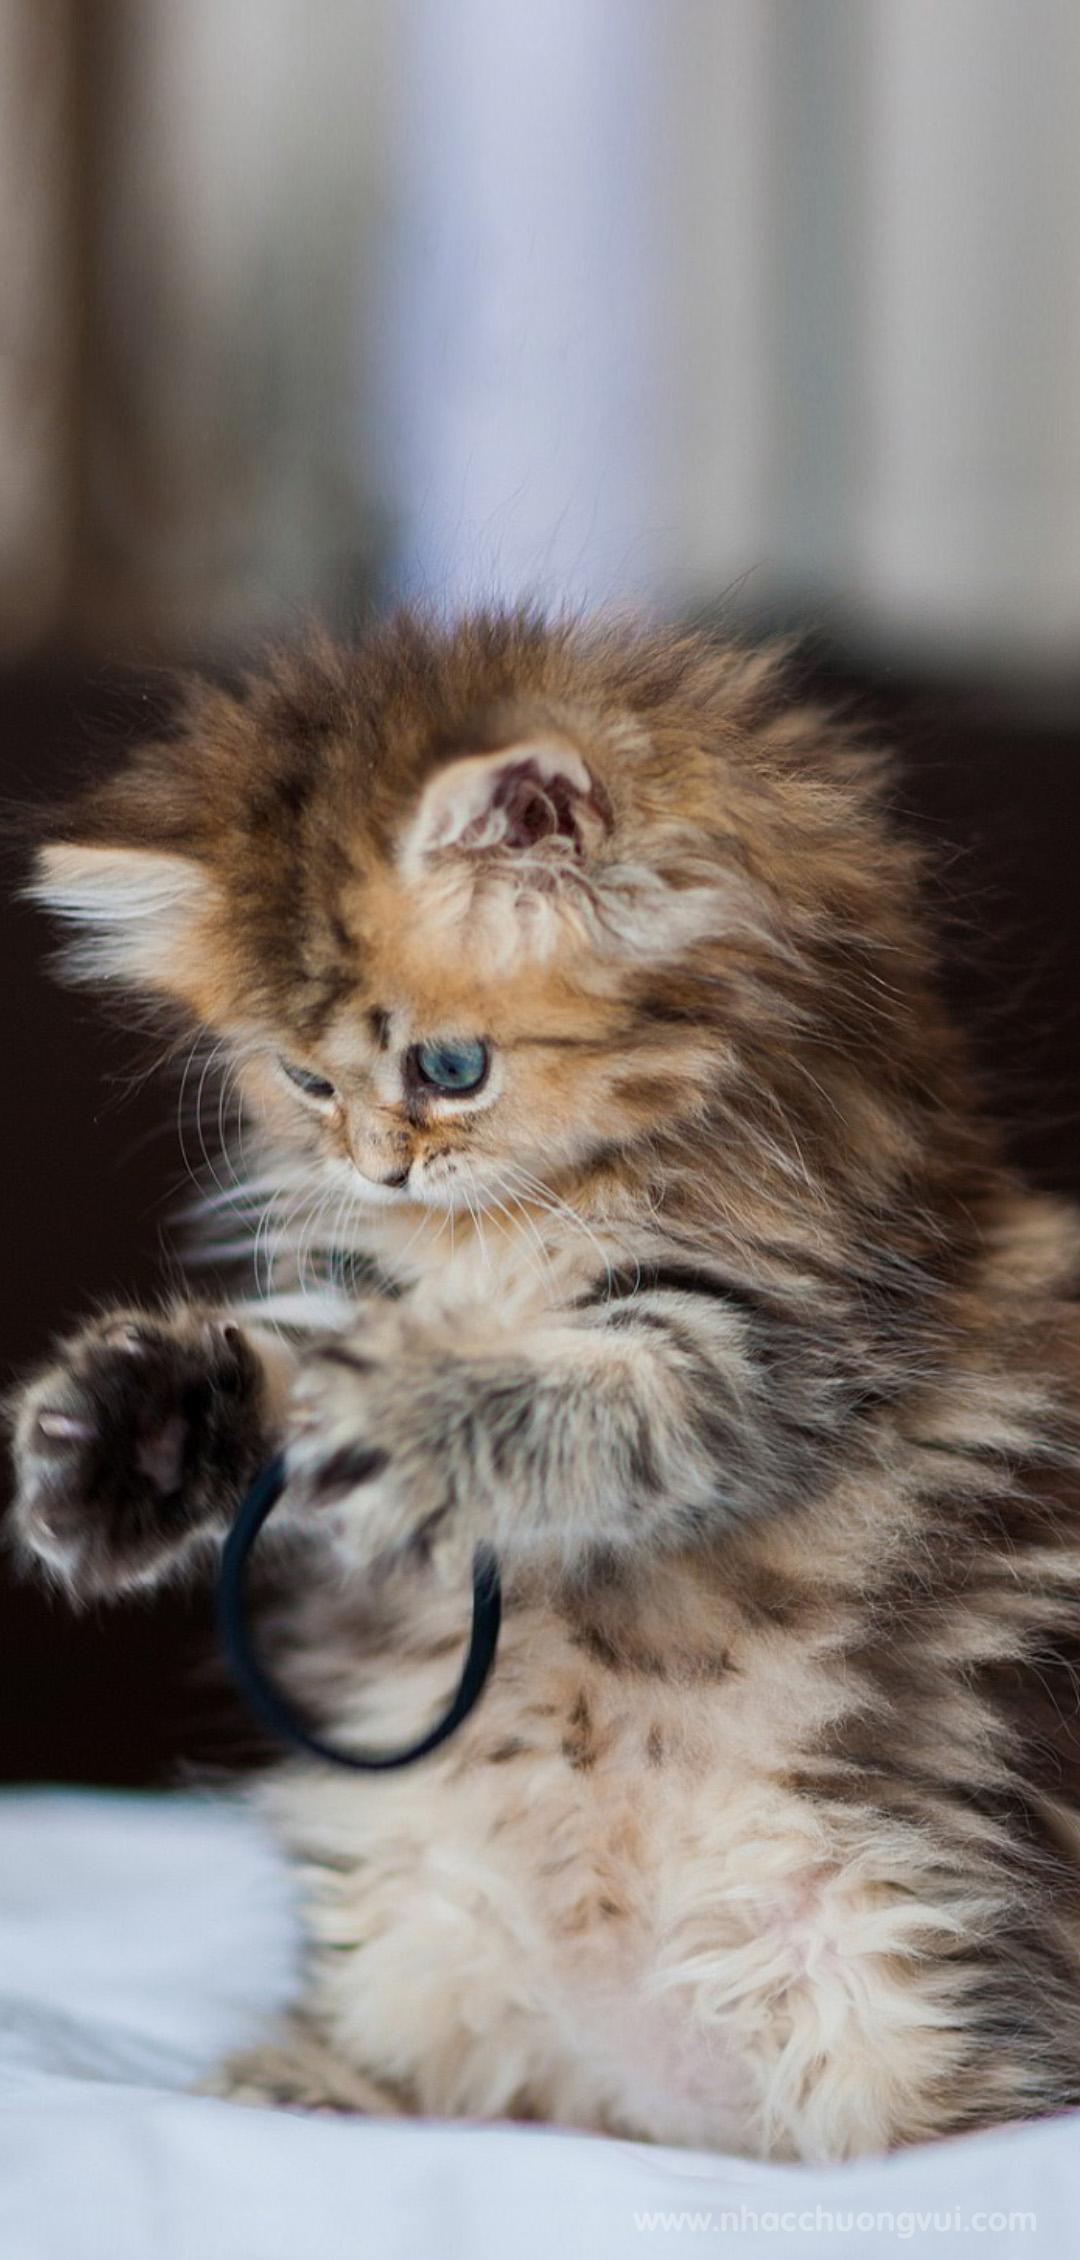 Hình nền mèo con dễ thương nhất cho điện thoại 5